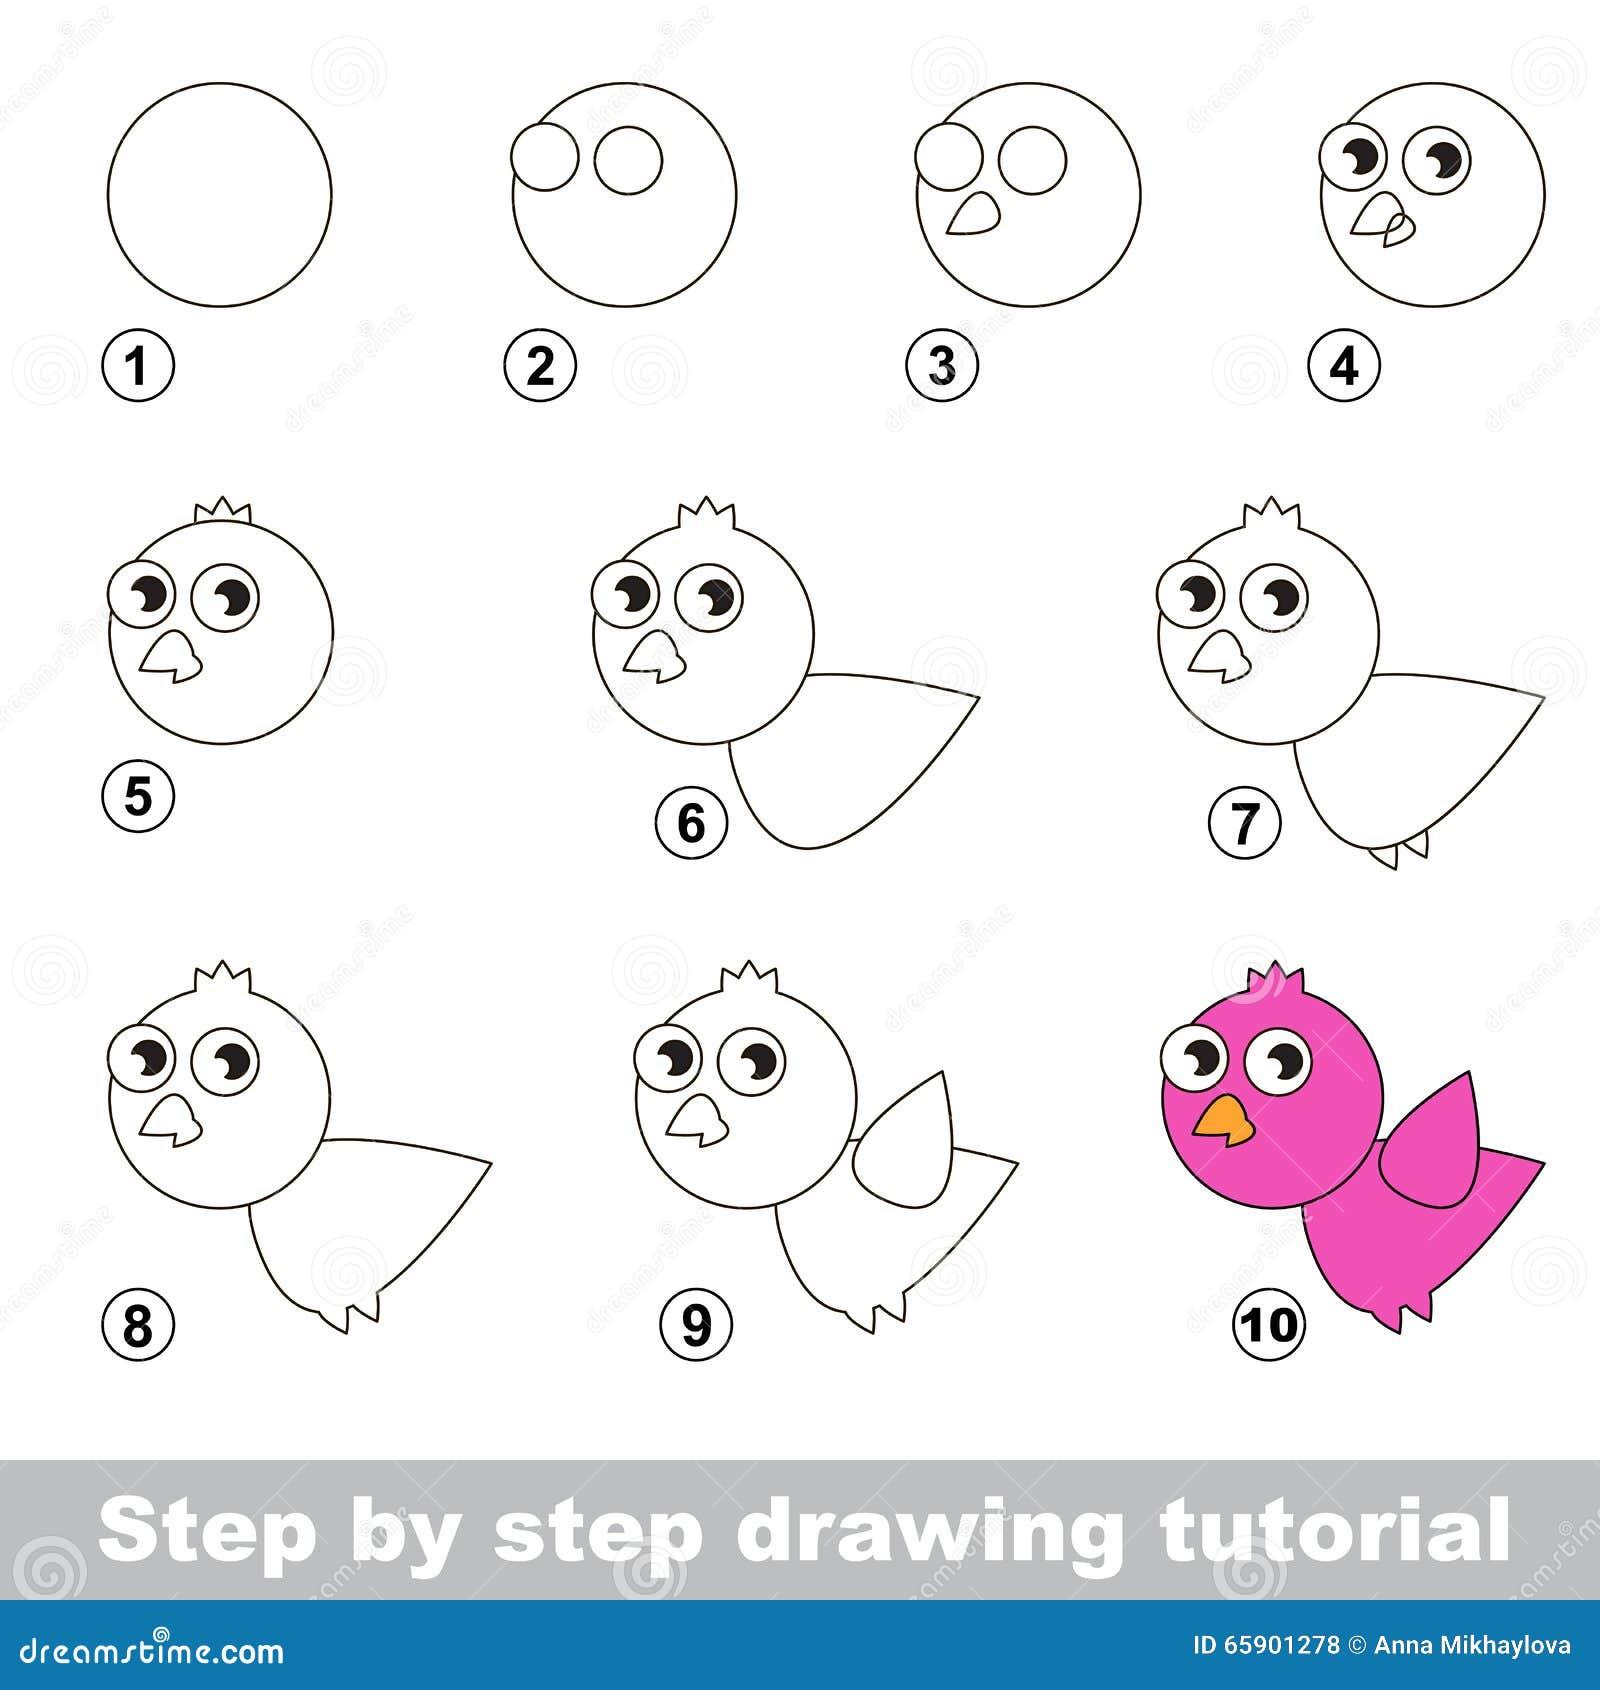 comment dessiner un oiseau rose illustration de vecteur illustration du cole comp tence. Black Bedroom Furniture Sets. Home Design Ideas